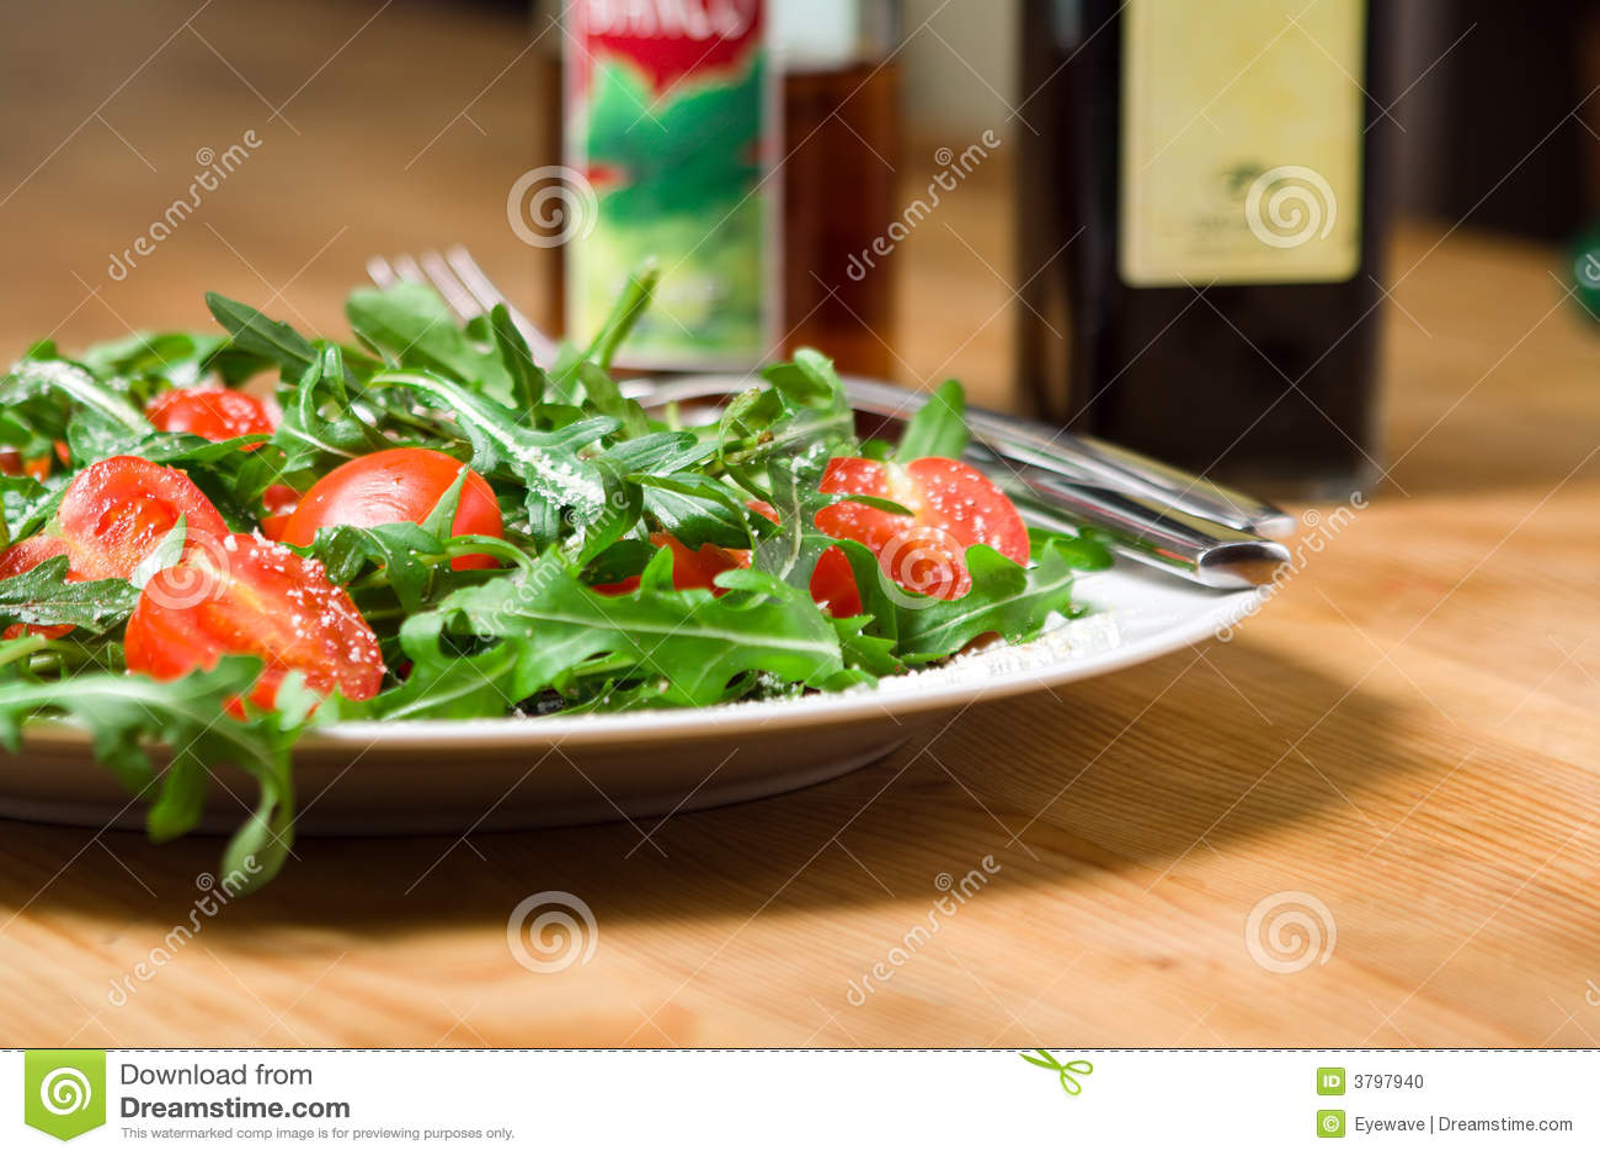 Insalata con il rucola ed i pomodori